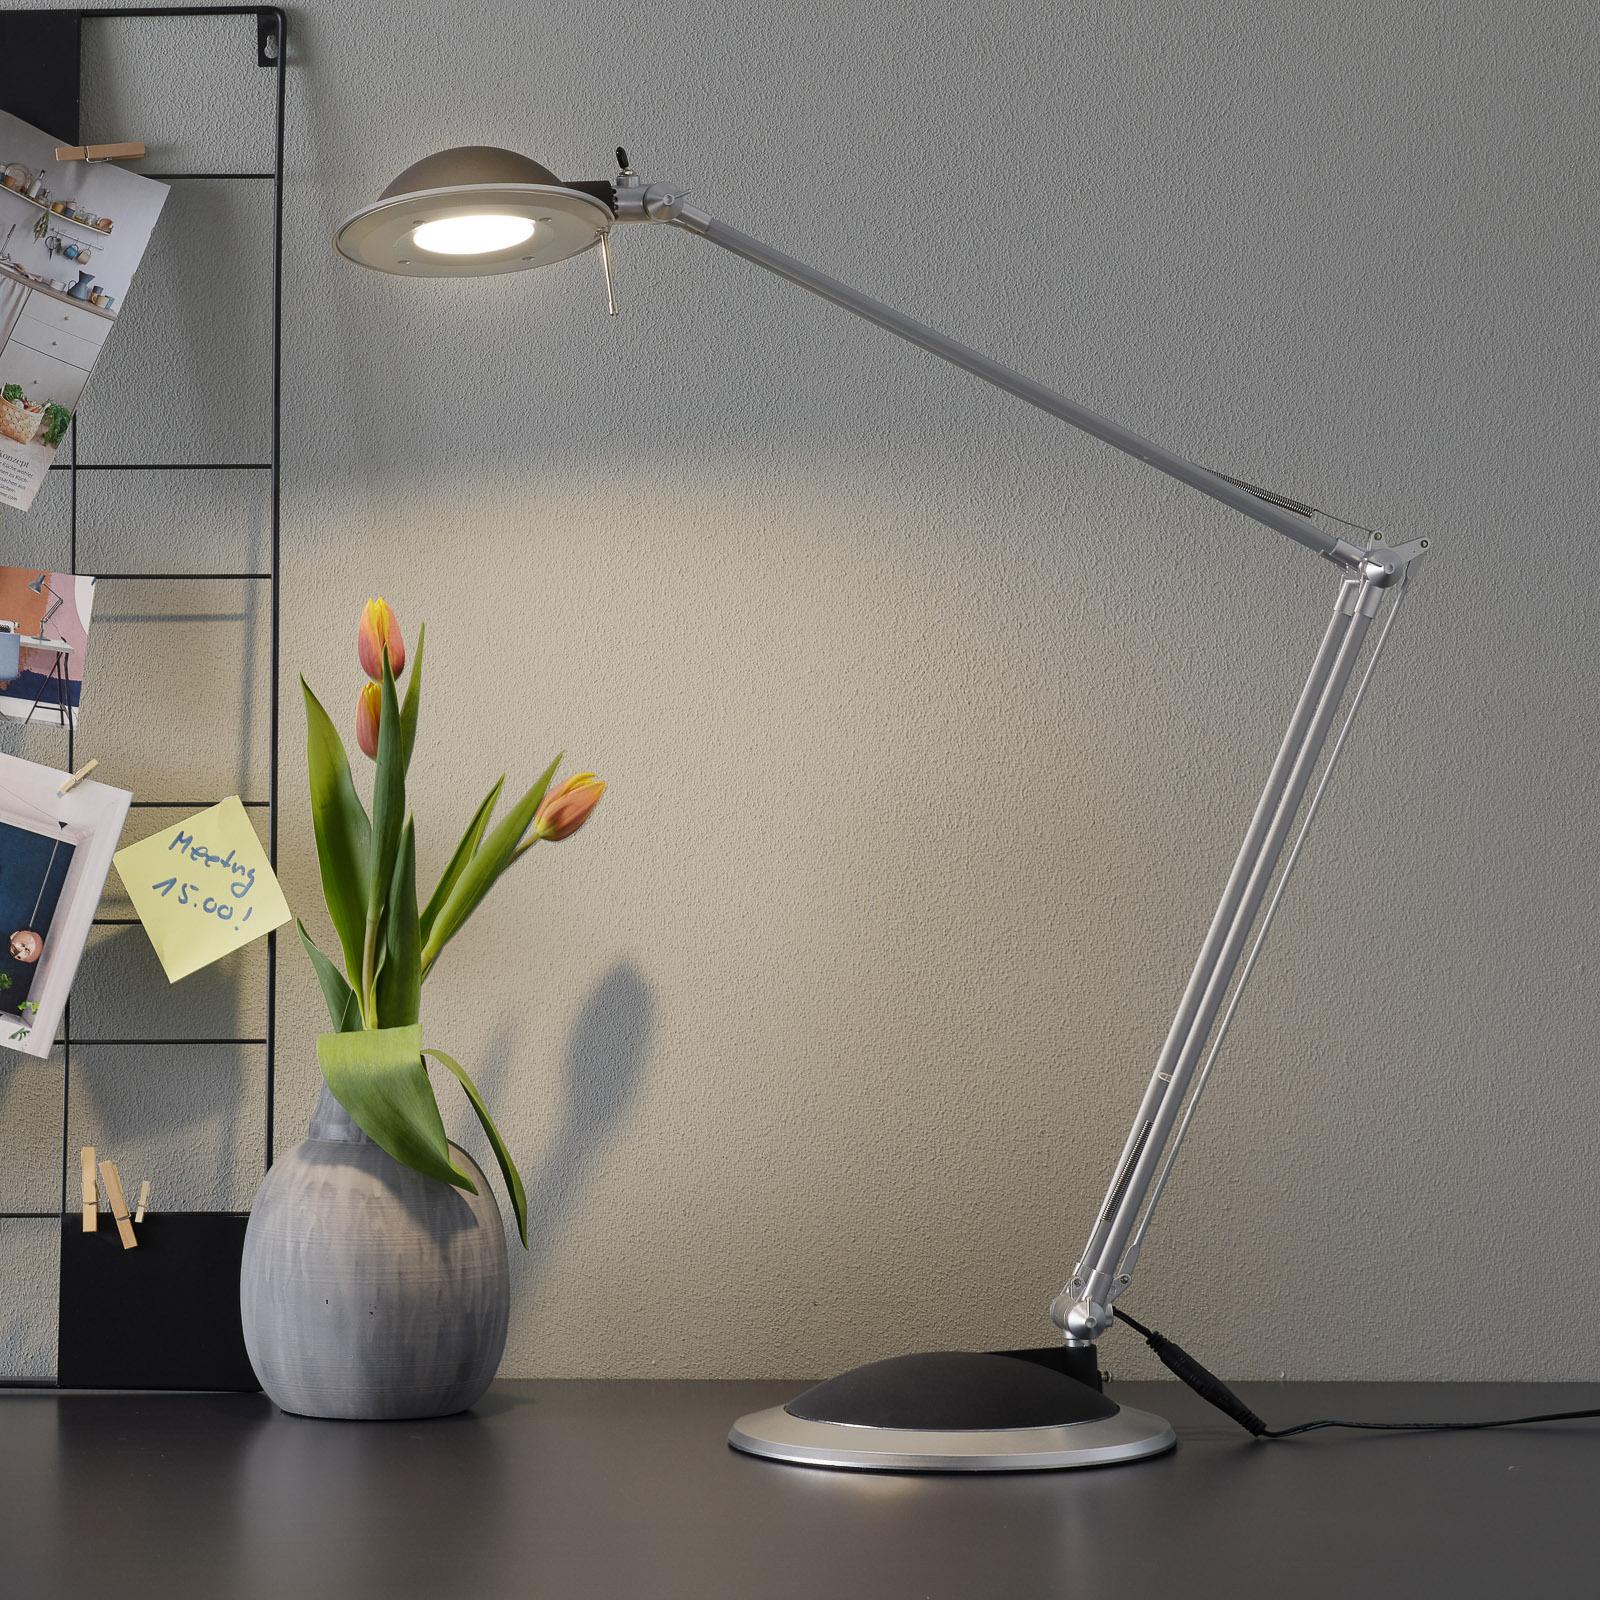 Energiatehokas LED-pöytälamppu Business